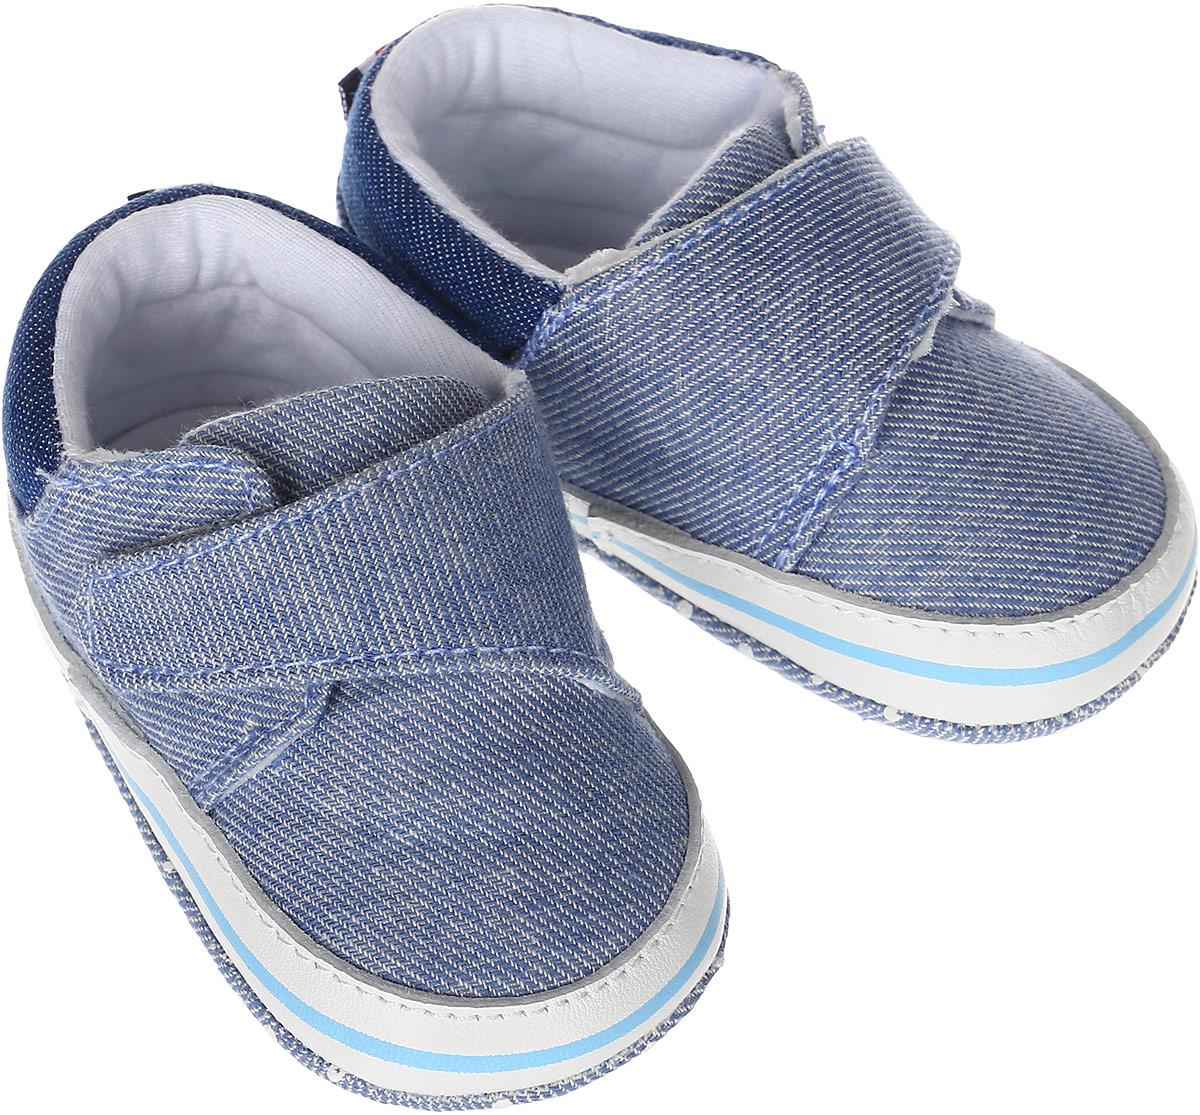 Пинетки для мальчиков Kapika, цвет: джинс. 10126. Размер 1710126Стильные и модные пинетки для мальчика Kapika выполнены из хлопкового текстиля с элементами из натуральной кожи. Модель на липучке с имитацией шнуровки, которая надежно фиксирует пинетки на ножке ребенка и позволяет регулировать их объем.Удобные детские пинетки станут любимой обувью вашего ребенка.